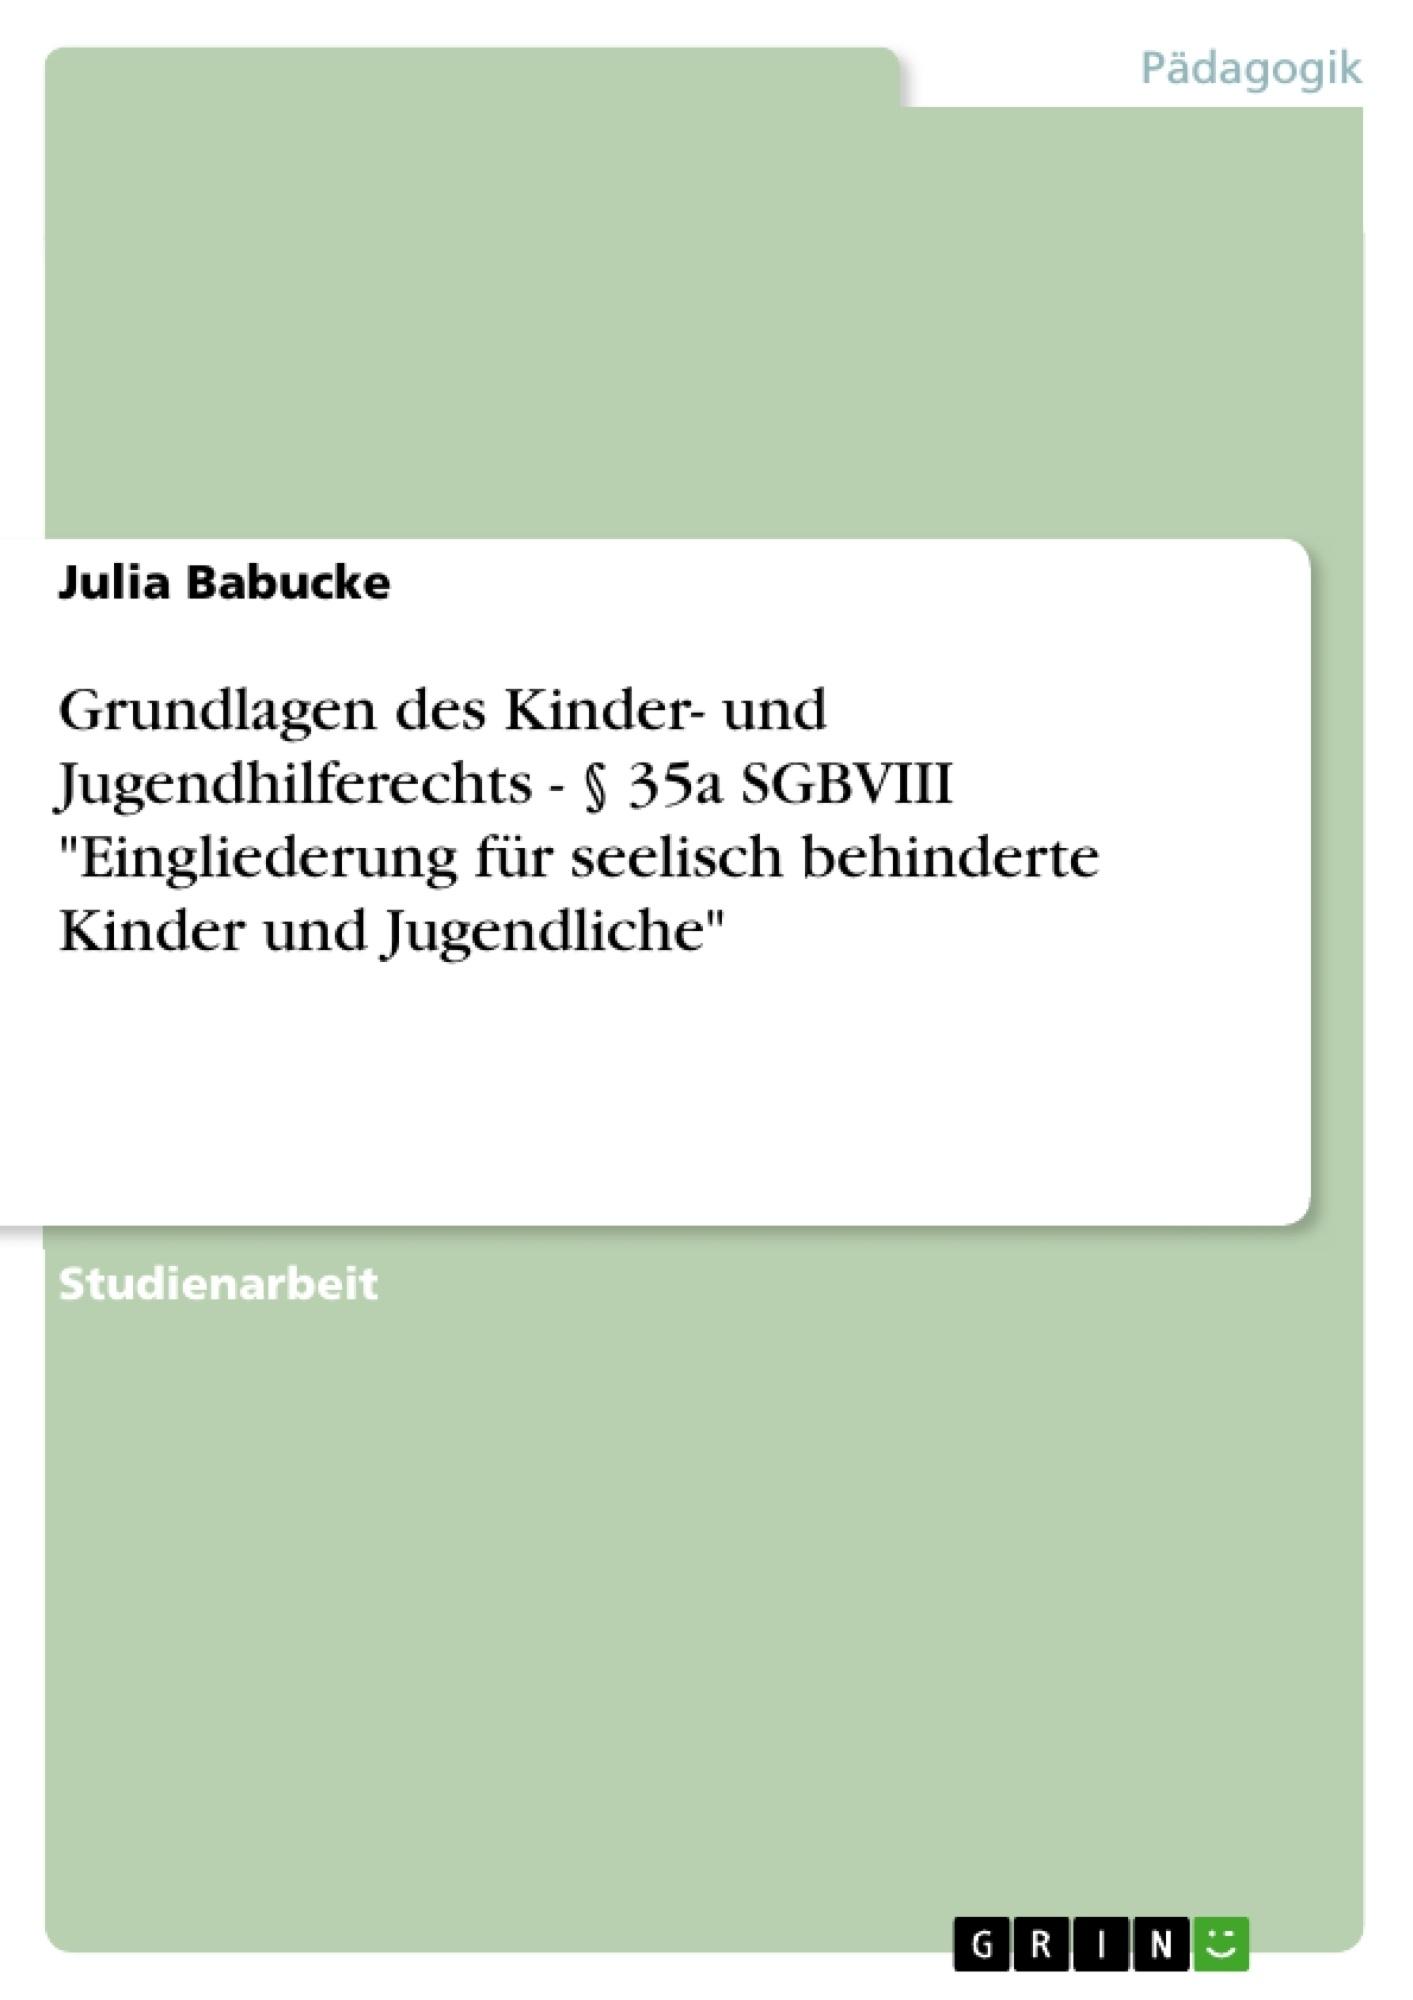 """Titel: Grundlagen des Kinder- und Jugendhilferechts - § 35a SGBVIII """"Eingliederung für seelisch behinderte Kinder und Jugendliche"""""""